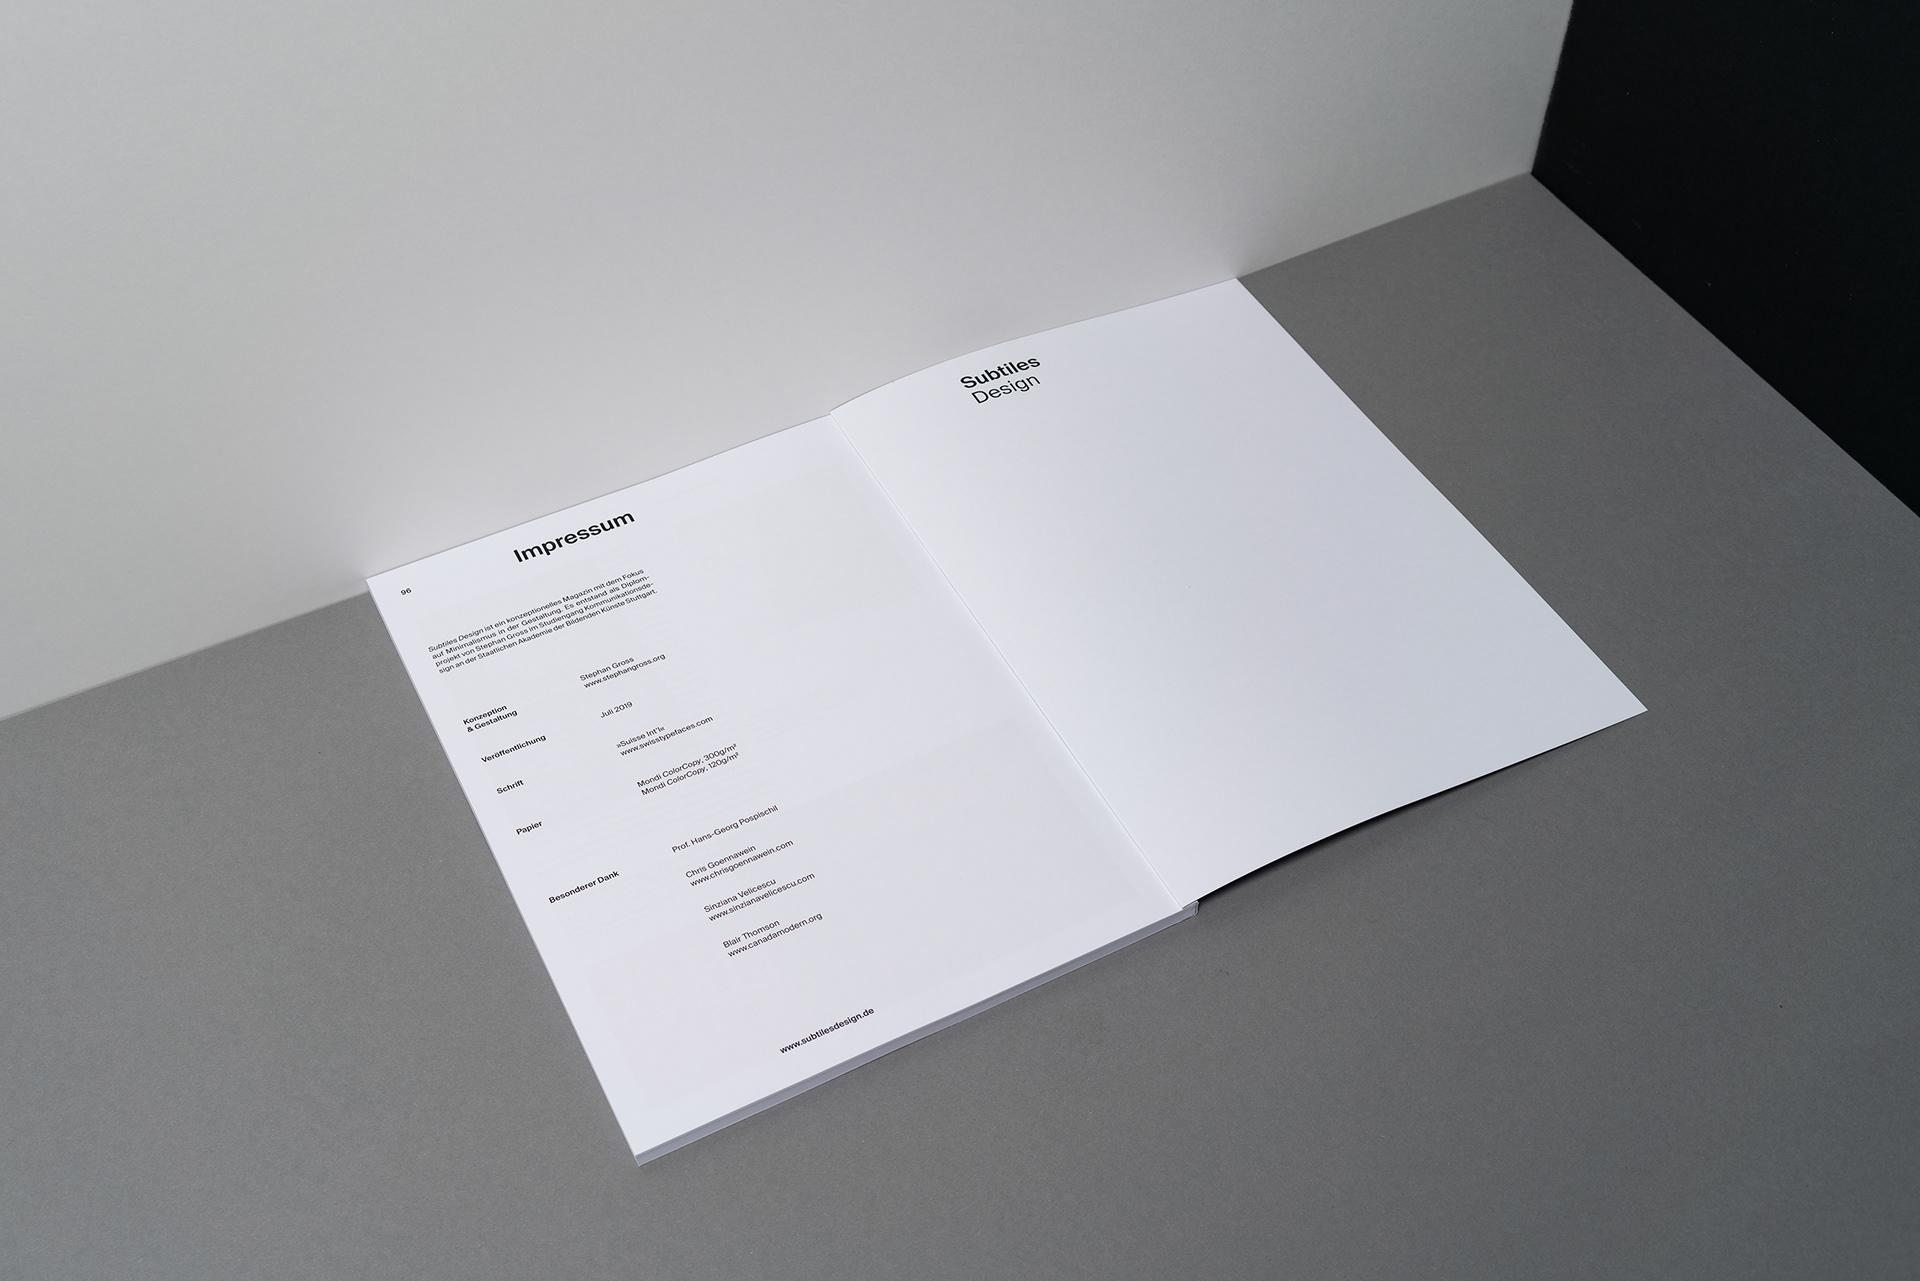 Subtiles_Design_Repros_Web_20